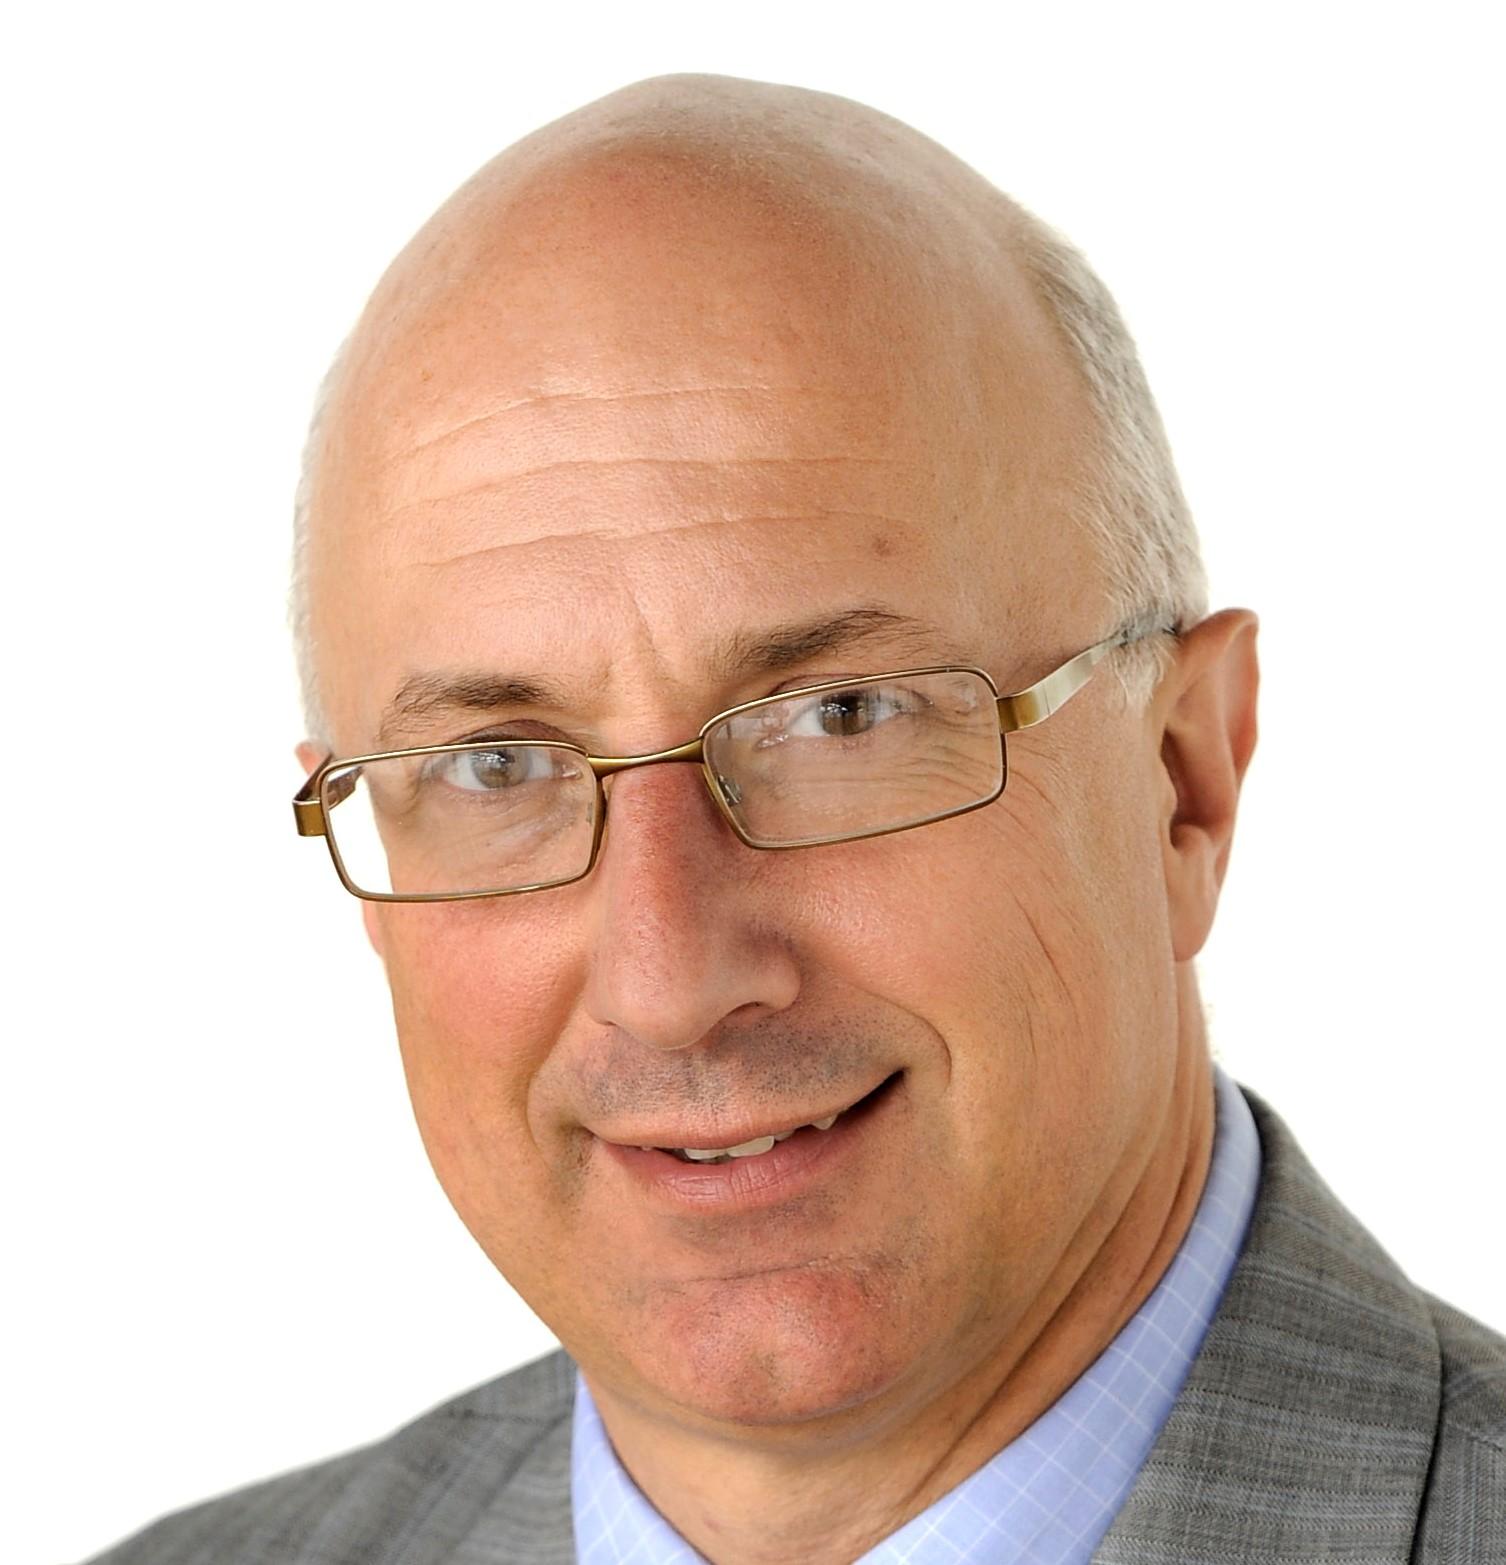 Mr. John Fredrik Gronvall